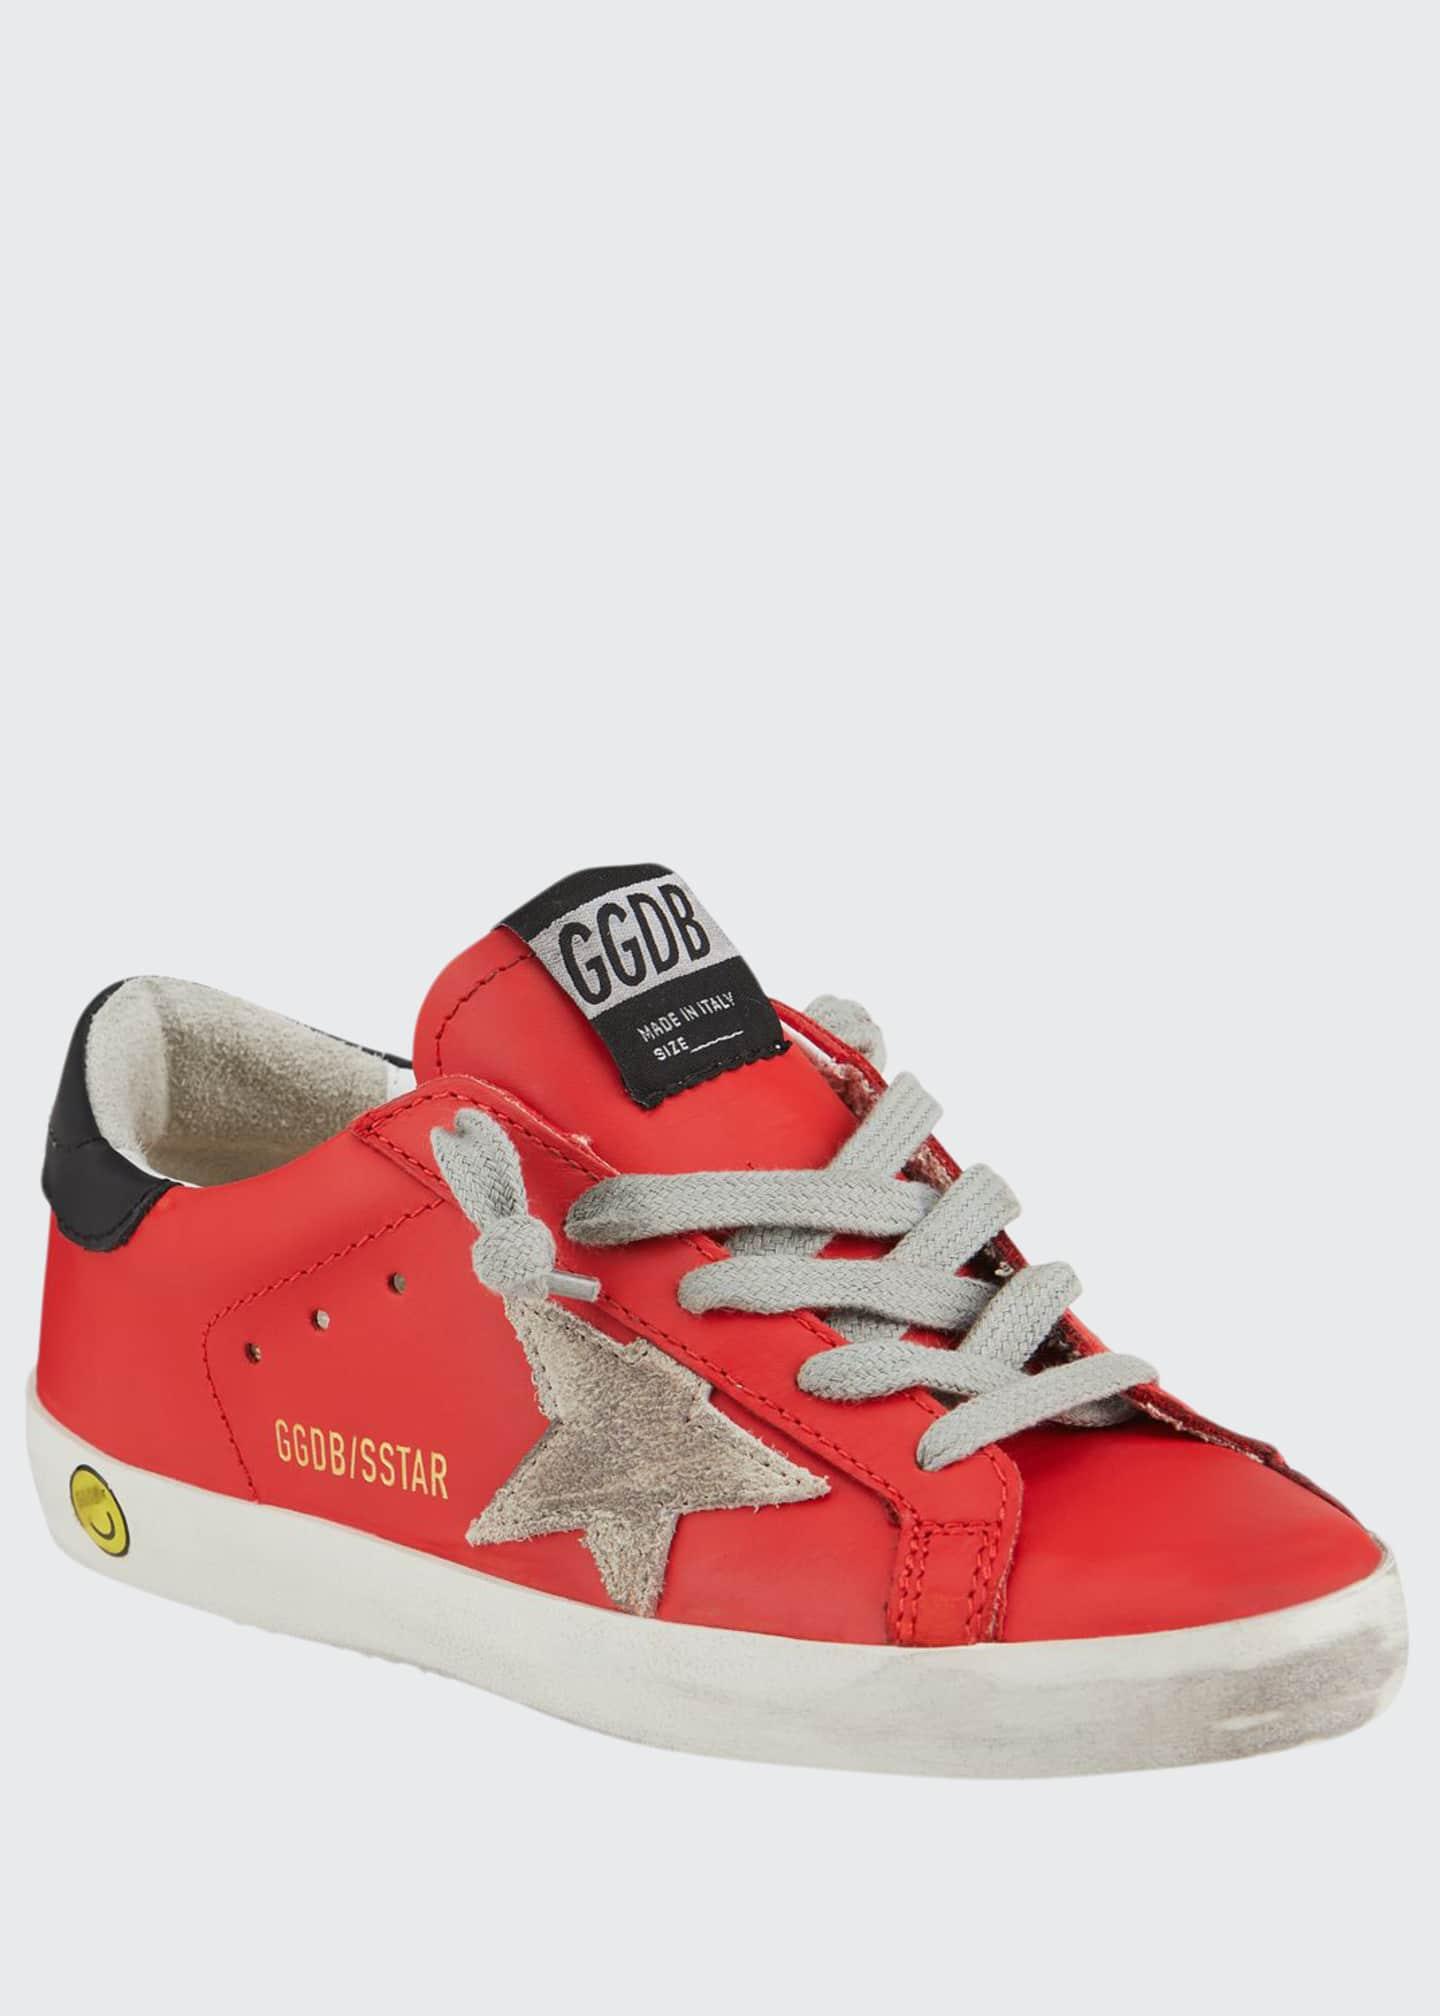 Golden Goose Girl's Superstar Leather Low-Top Sneakers,